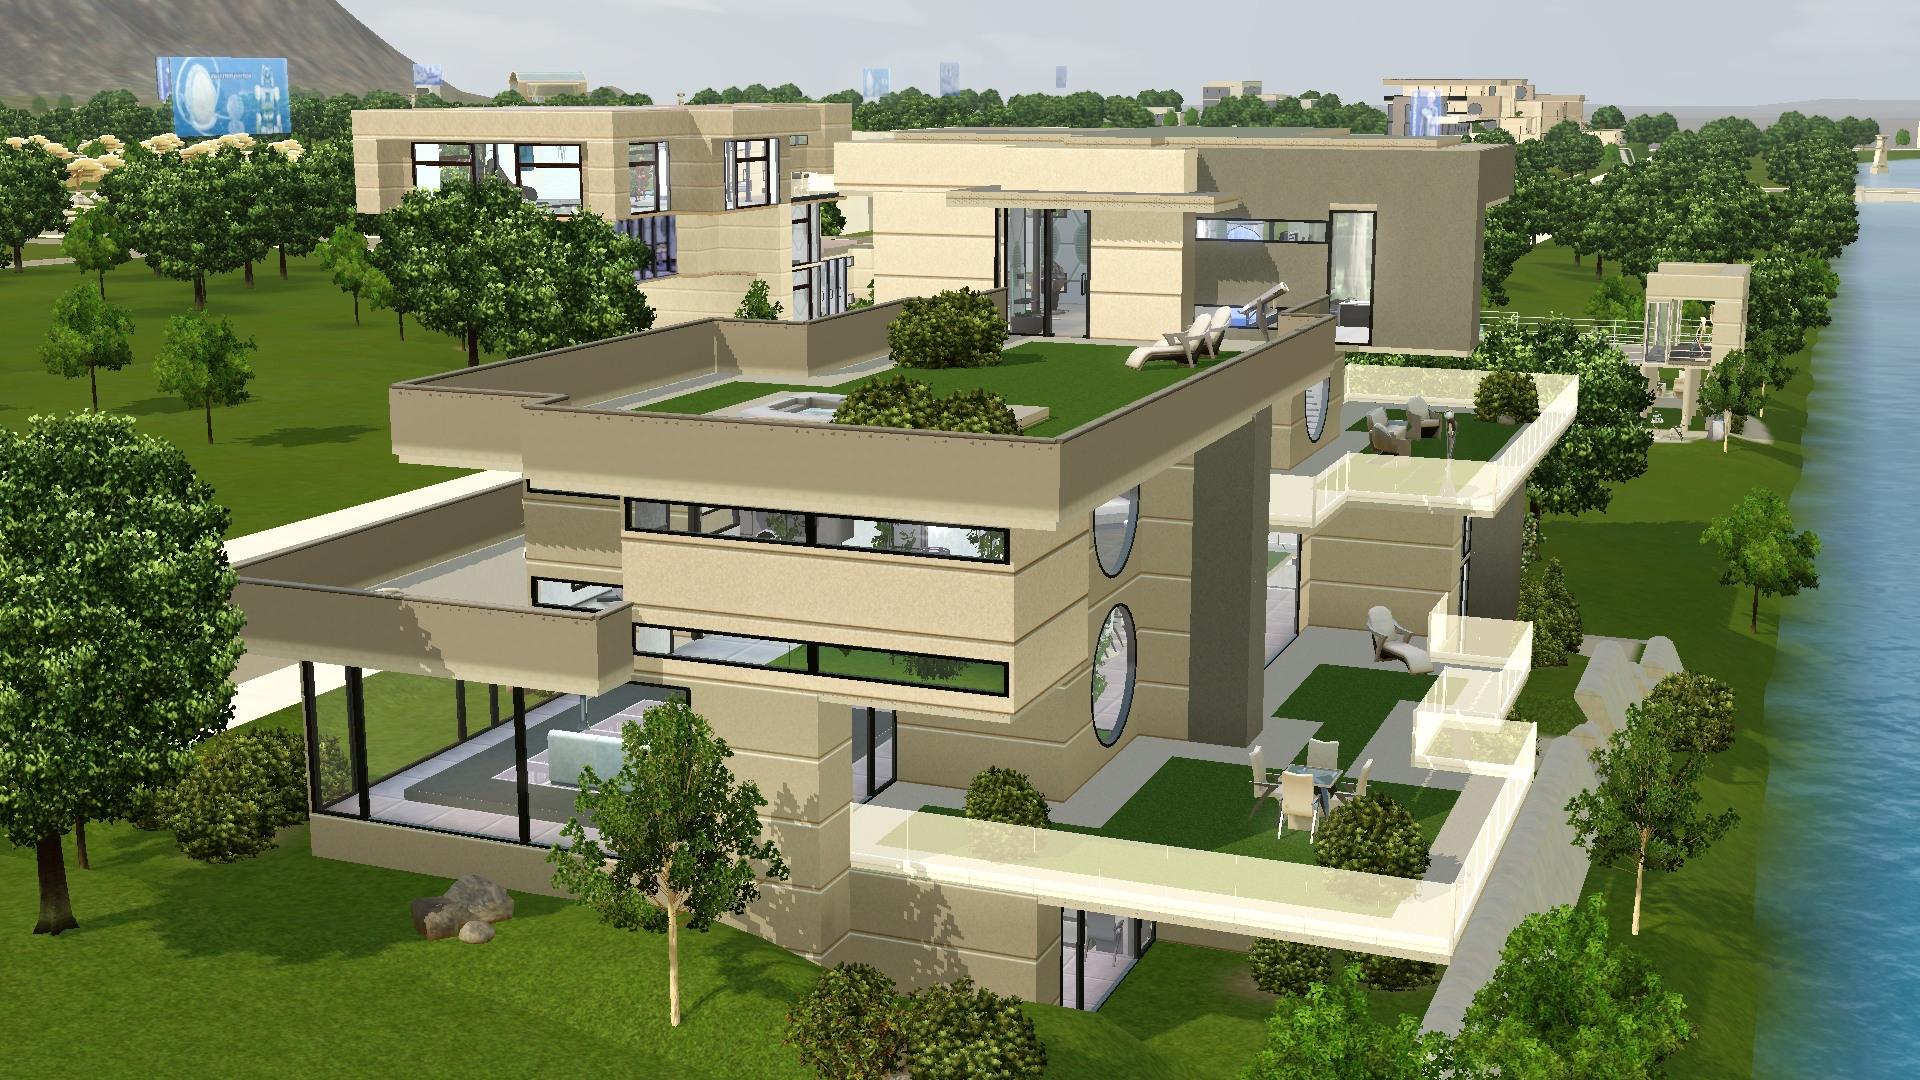 Futuristic House Mod The Sims  Long Waterside Futuristic House